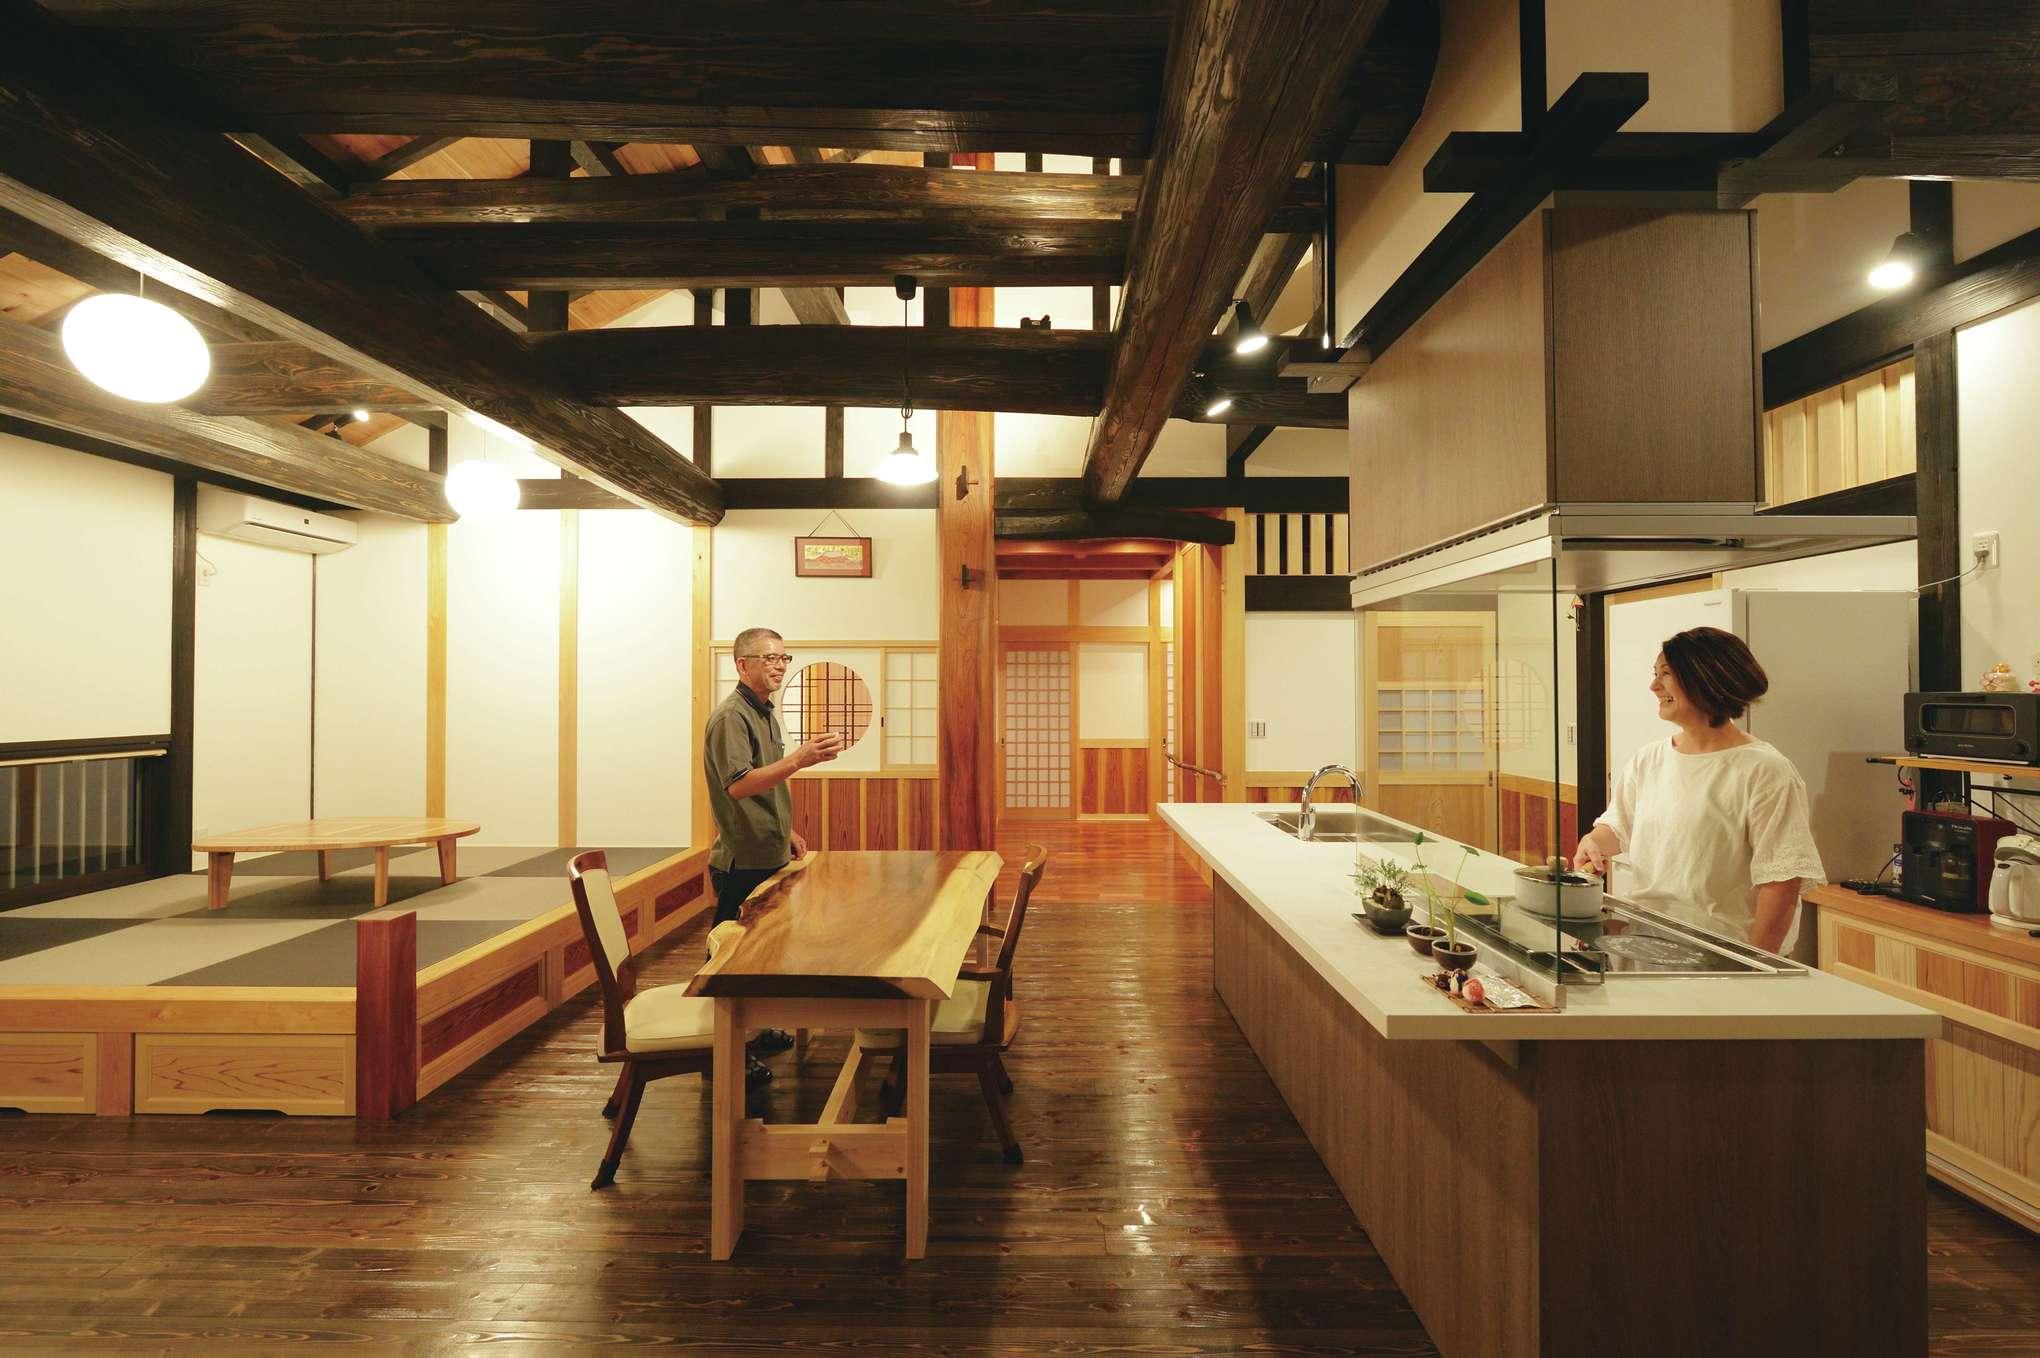 堀田建築【デザイン住宅、自然素材、夫婦で暮らす】古民家の趣きとシステムキッチンが調和した、和モダンな雰囲気が魅力だ